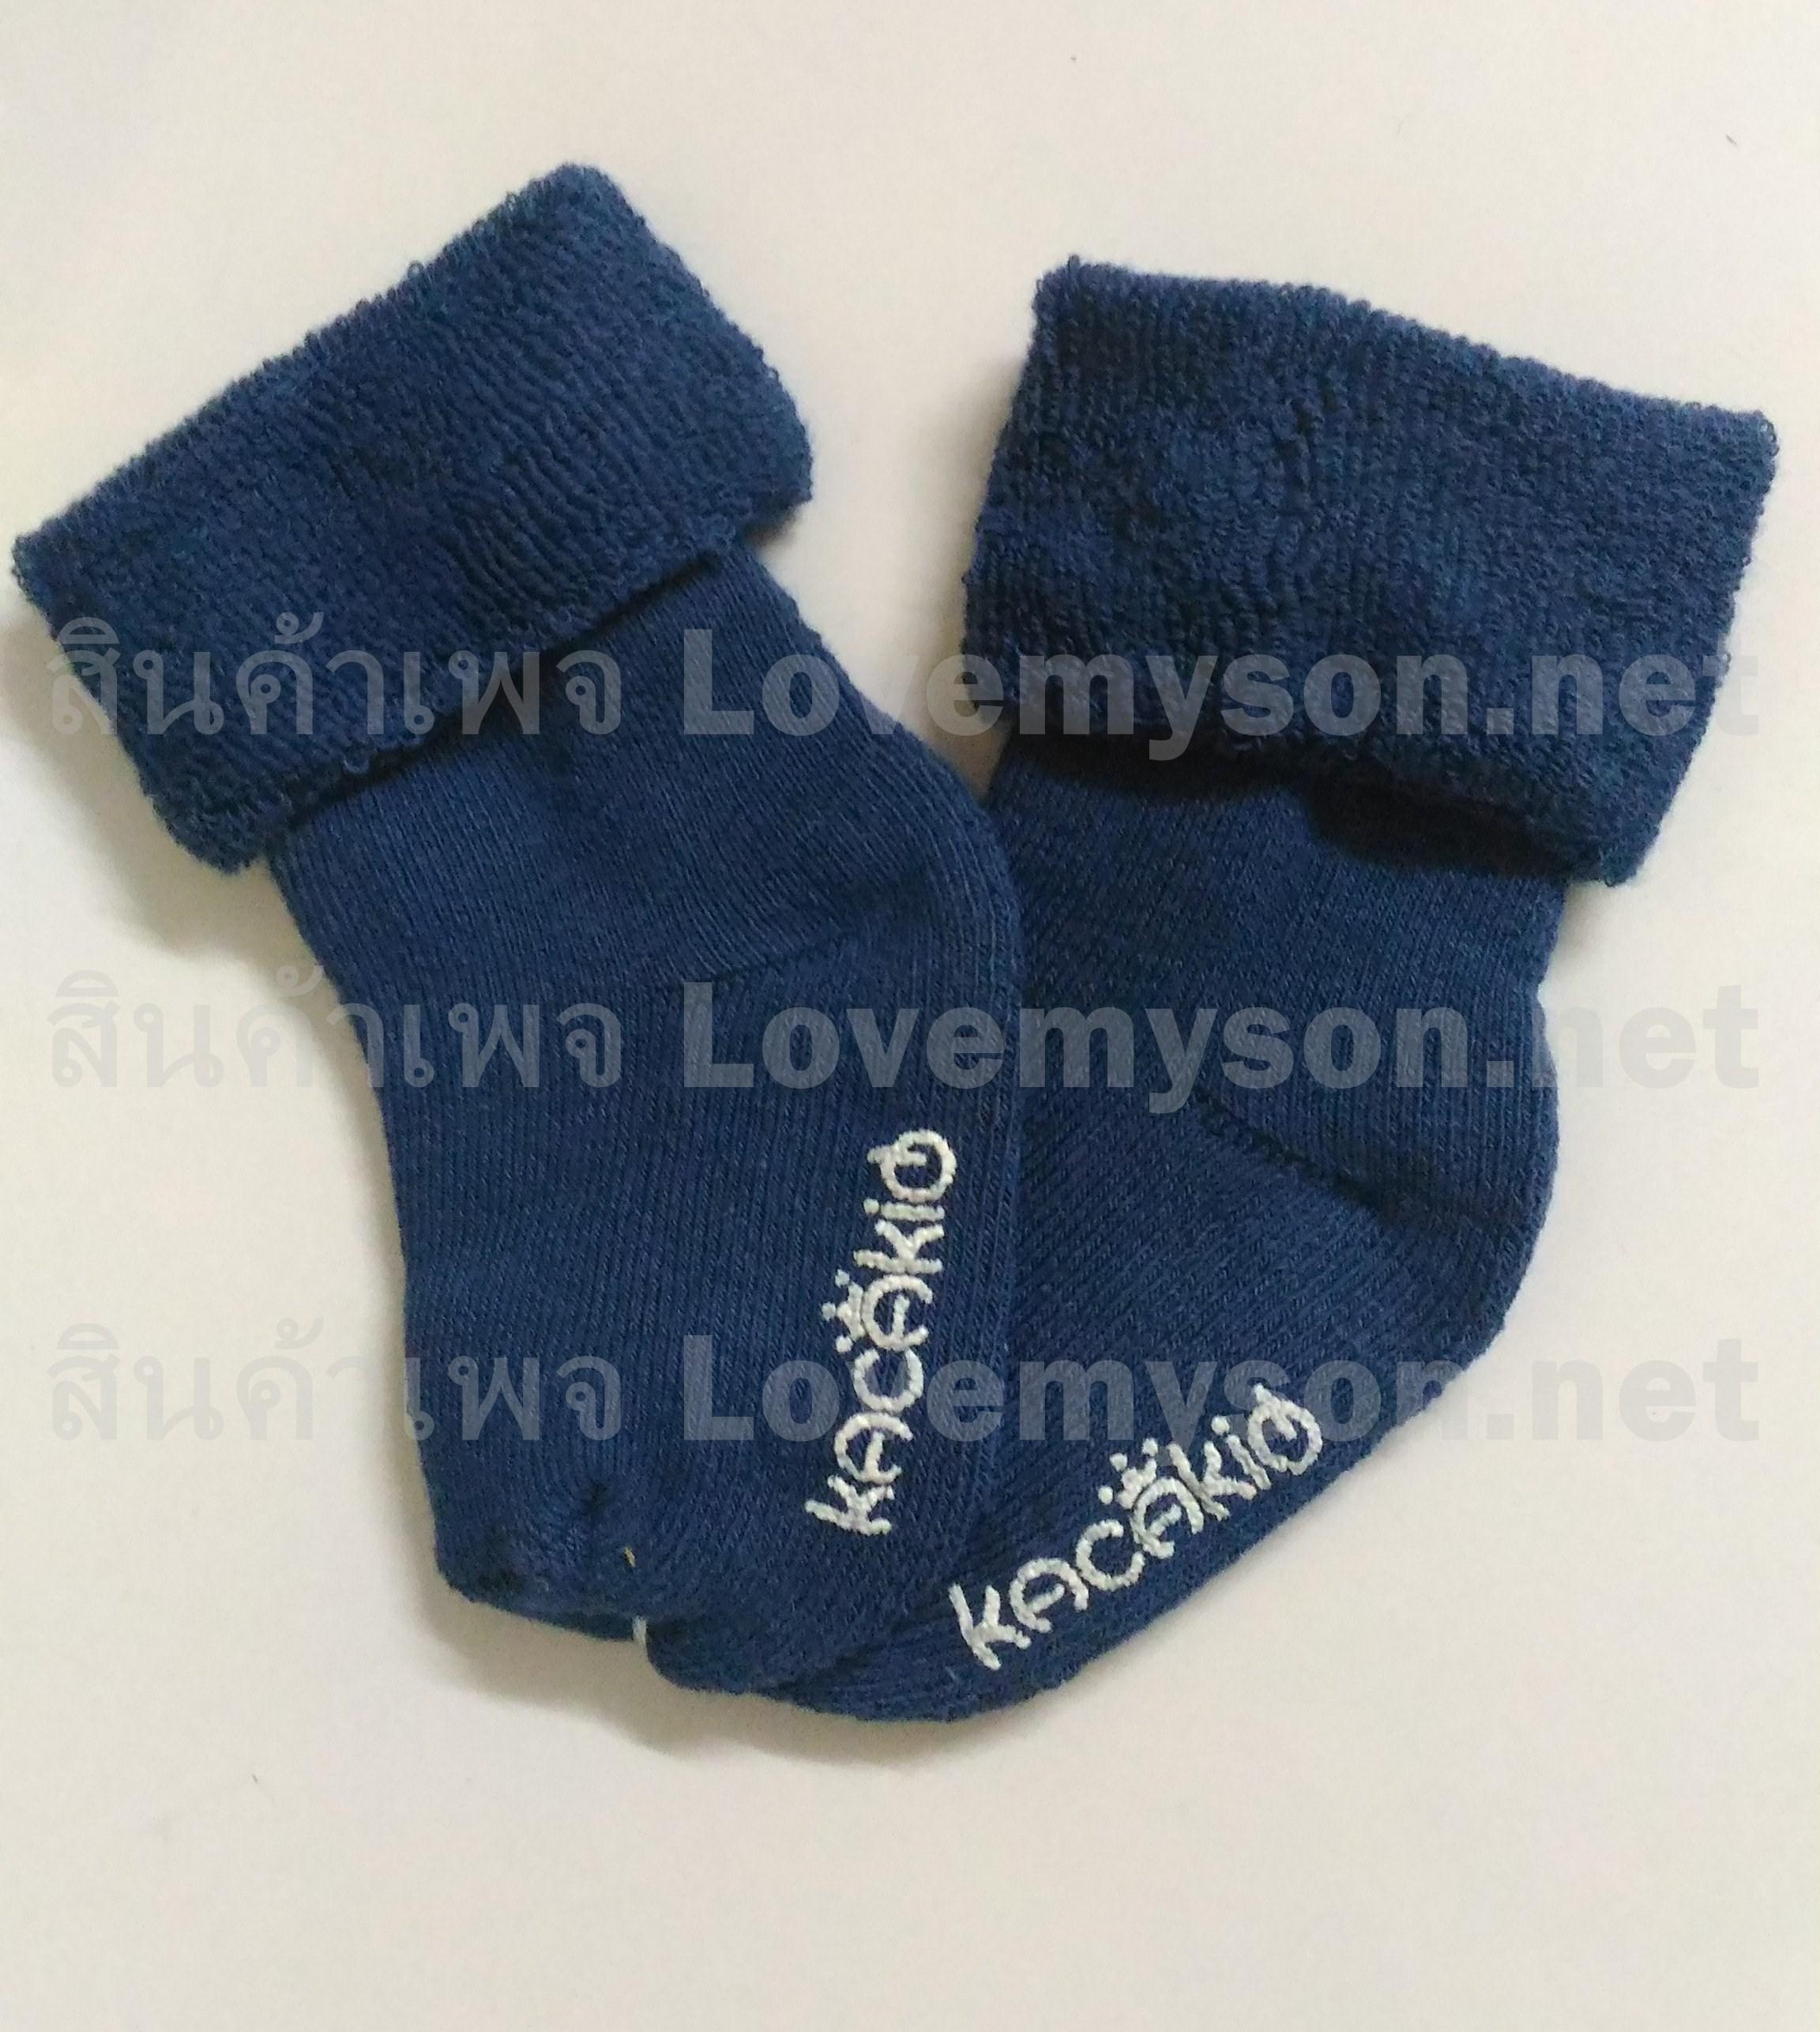 ถุงเท้าเด็กกันลื่นอย่างหนา ไซส์ 10-12,12-14 ซม. MSH74